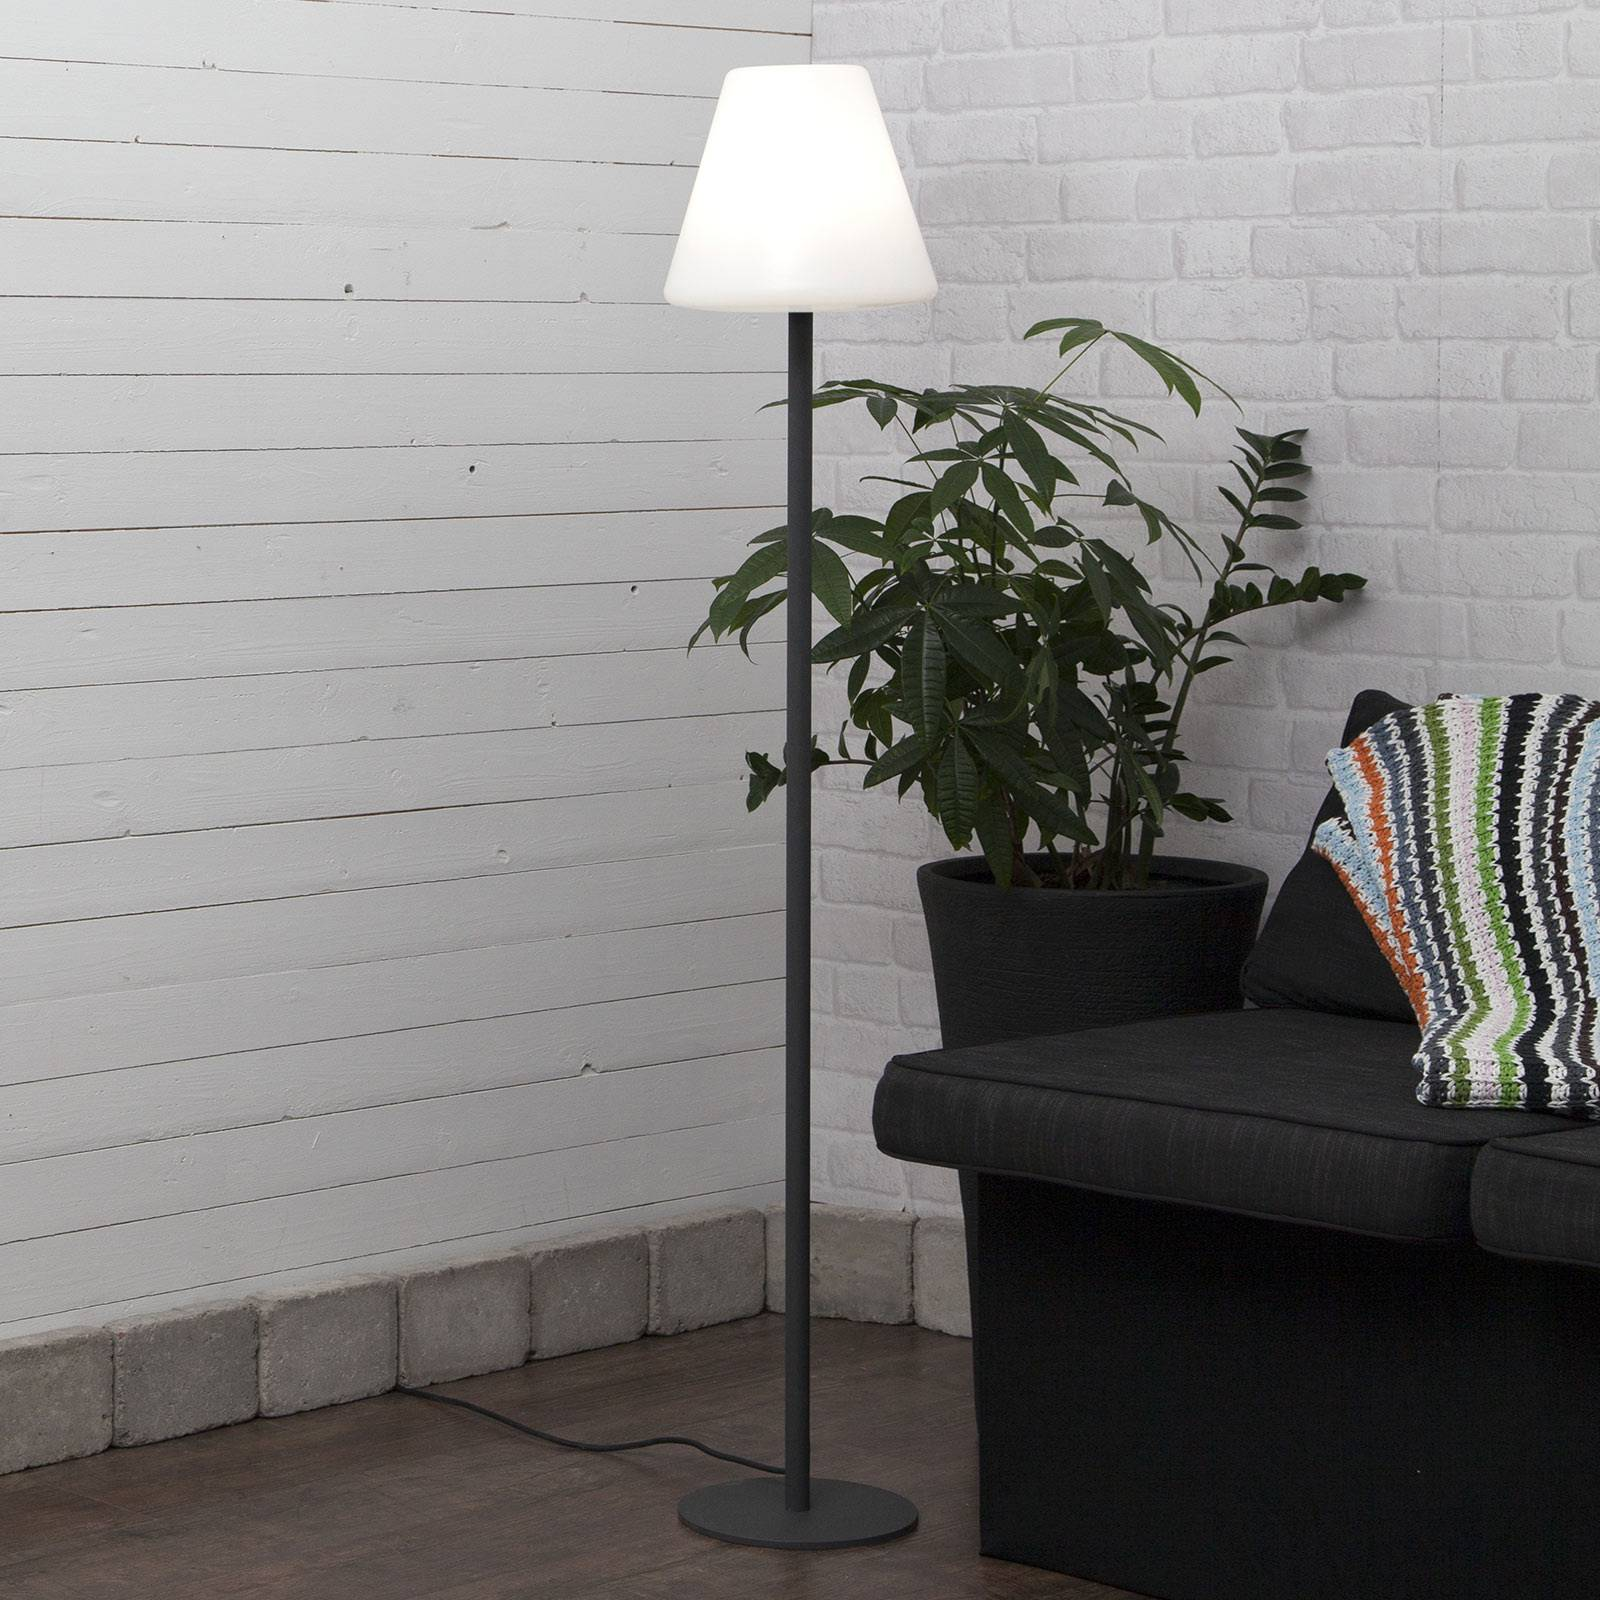 Terassivalaisin Gardenlight Kreta, 150 cm